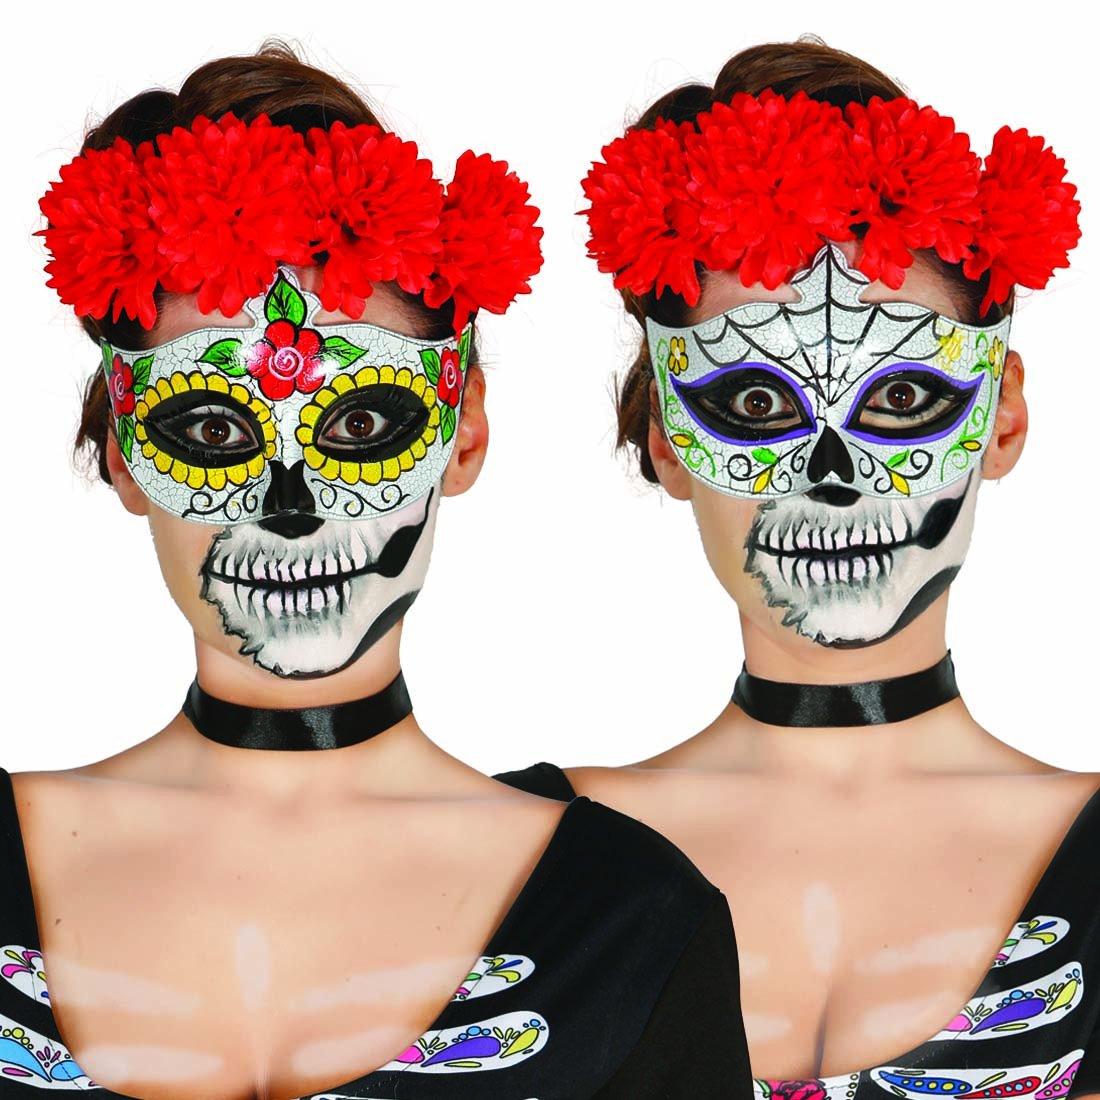 Máscara mexicana de muertos Halloween Antifaz Sugar Skull Careta Día de los muertos Rostro mexicano noche de brujas Media mascarilla La Catrina Cara calavera